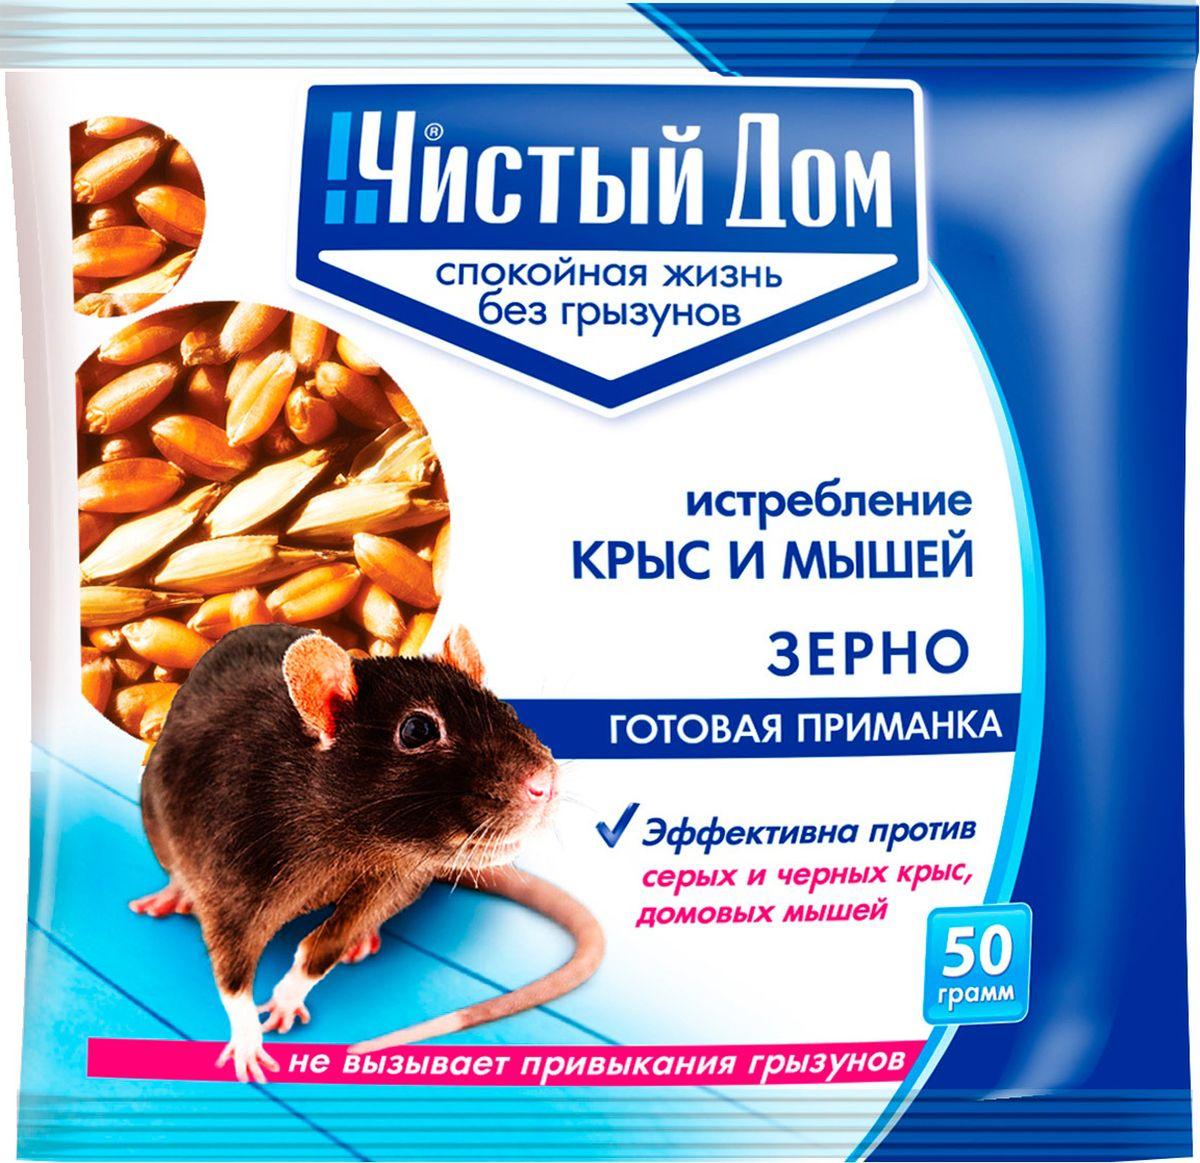 Приманка Чистый Дом, от крыс и мышей, зерновая, 50 г03-405Приманка Чистый Дом - универсальное готовое к применению средство от мышей, крыс и полевок.Основа Форэта - натуральные зерна пшеницы, что обеспечивает отличную поедаемость грызунами.Товар сертифицирован.